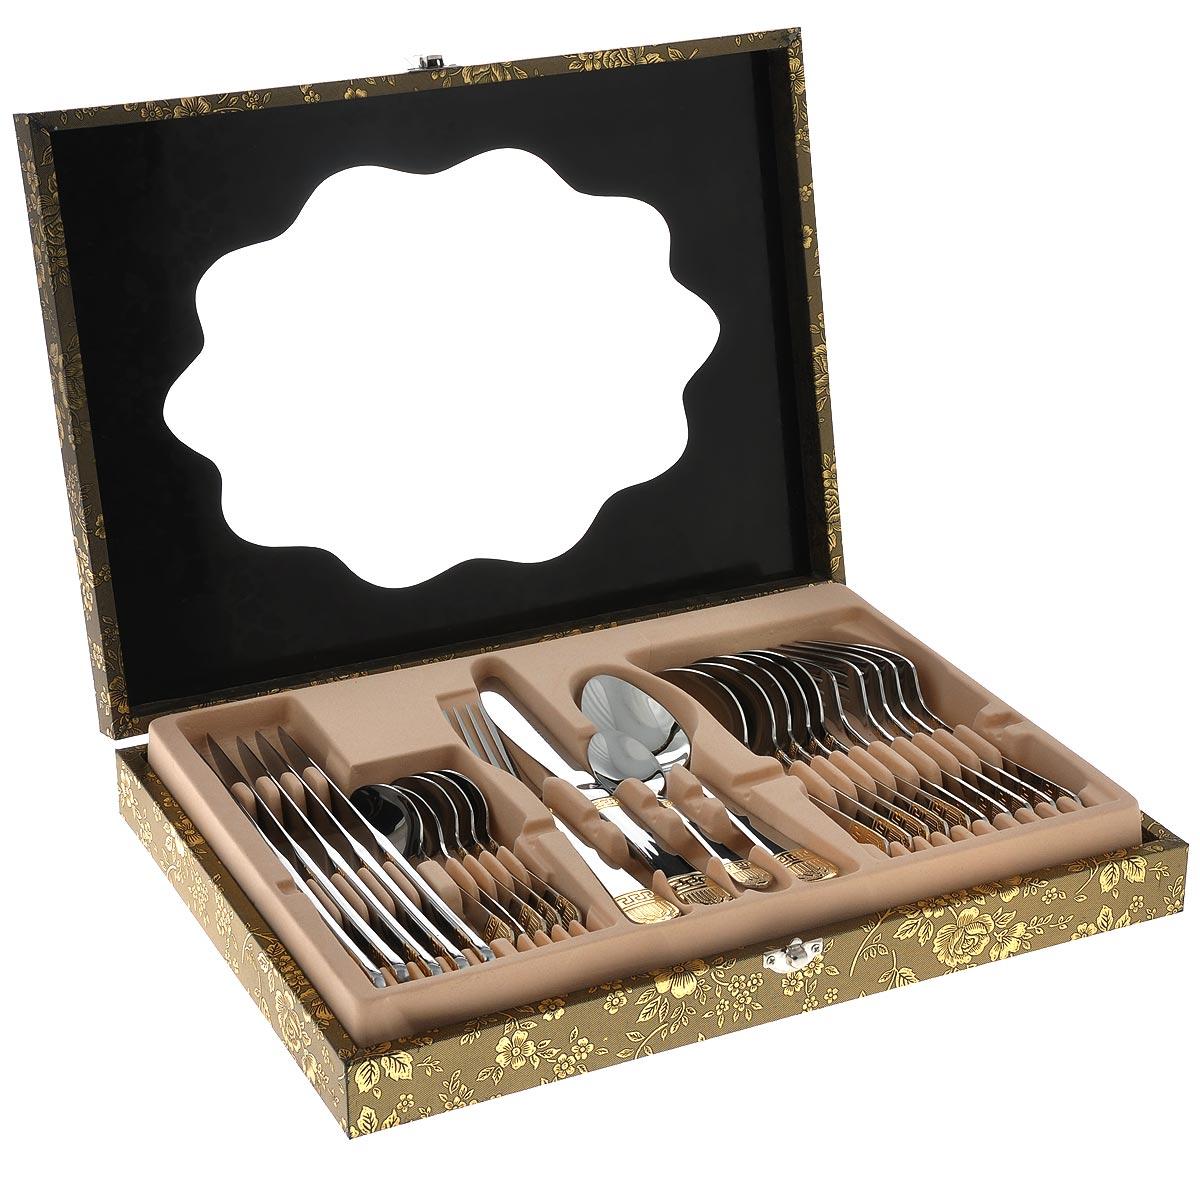 Набор столовых приборов Mayer&Boch, 25 предметов. 2334123341Набор столовых приборов Mayer & Boch выполнен из прочной нержавеющей стали. В набор входит 25 предметов: 6 обеденных ножей, 6 обеденных ложек, 6 обеденных вилок, 6 чайных ложек и кейс. Ручки приборов украшены красивым рельефным узором с матовым покрытием и золотистой окантовкой. Предметы набора расположены в красивом подарочном кейсе на замке. Крышка кейса выполнена из прозрачного пластика и украшена изящным изображением цветов.Столовые приборы высокого качества будут доставлять вам удовольствие при каждом приеме пищи. Они подойдут как для повседневного использования, так и для торжественных случаев. Длина обеденной ложки: 20 см. Размер рабочей поверхности ложки: 7 см х 4,5 см.Длина чайной ложки: 14,5 см. Размер рабочей поверхности чайной ложки: 4,5 см х 3 см.Длина ножа: 23 см. Длина лезвия ножа: 6,5 см.Размер кейса: 37,5 см х 27 см х 6 см.